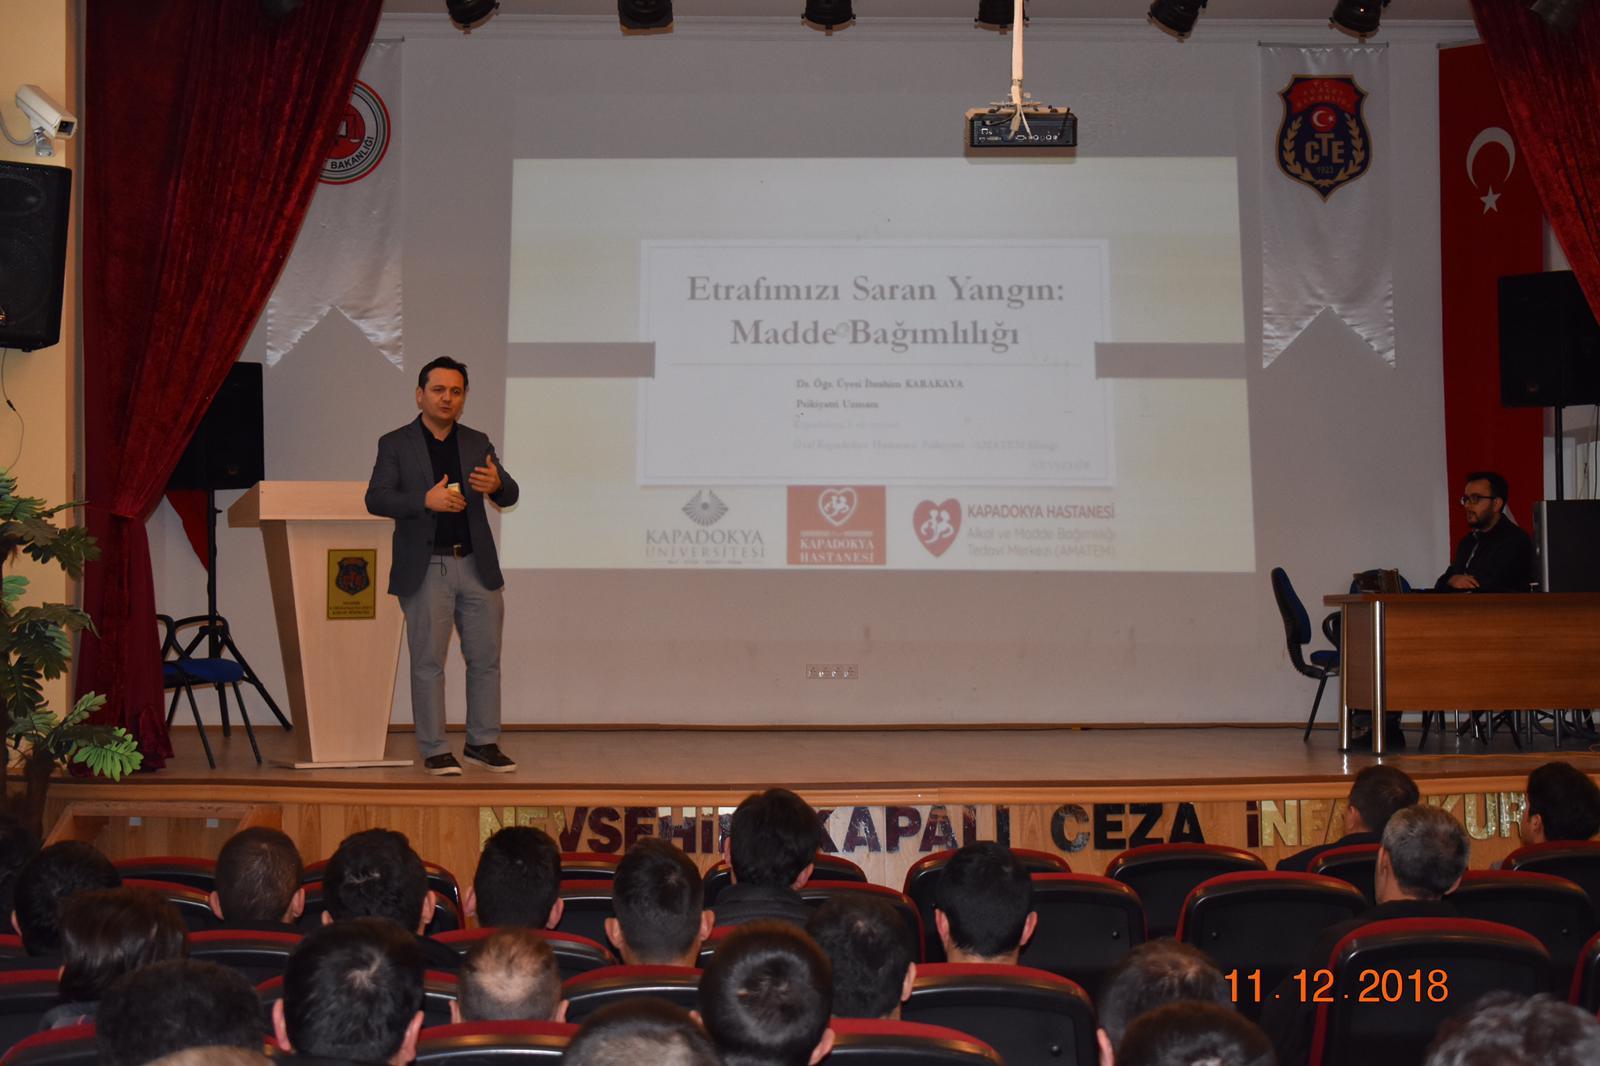 Nevşehir E Tipi Kapalı Ceza İnfaz Kurumu'nda Bağımlılıkla İlgili Seminer